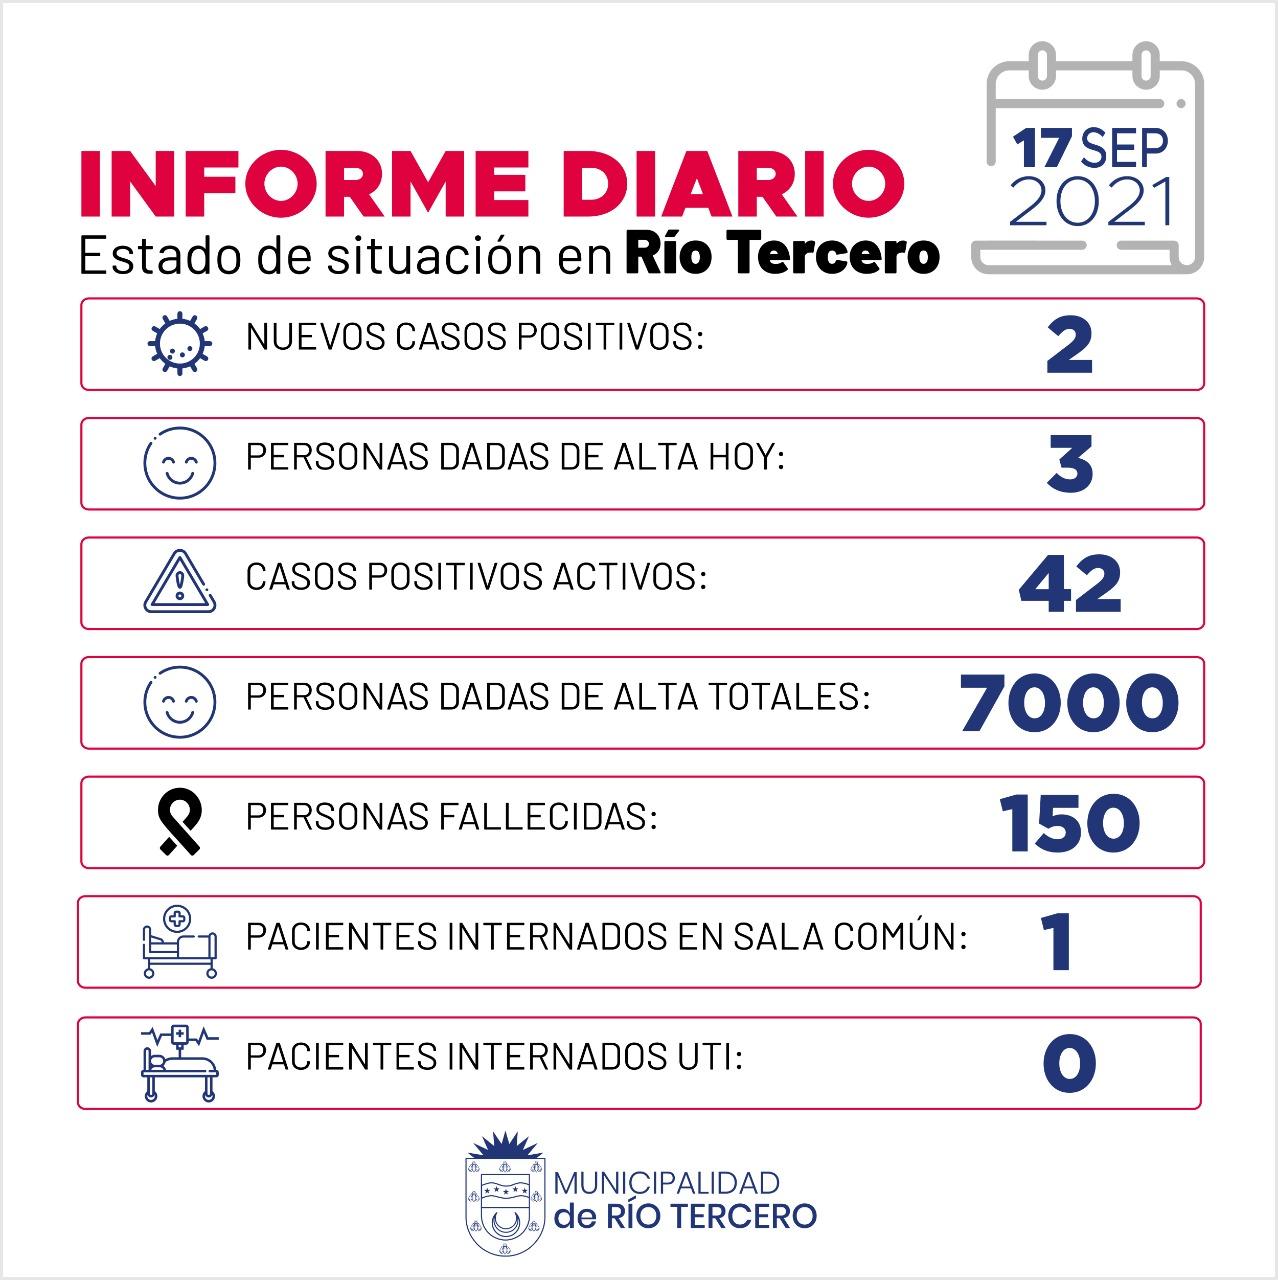 RÍO TERCERO TIENE 42 CASOS ACTIVOS: HOY SE REGISTRARON 2 NUEVOS CASOS